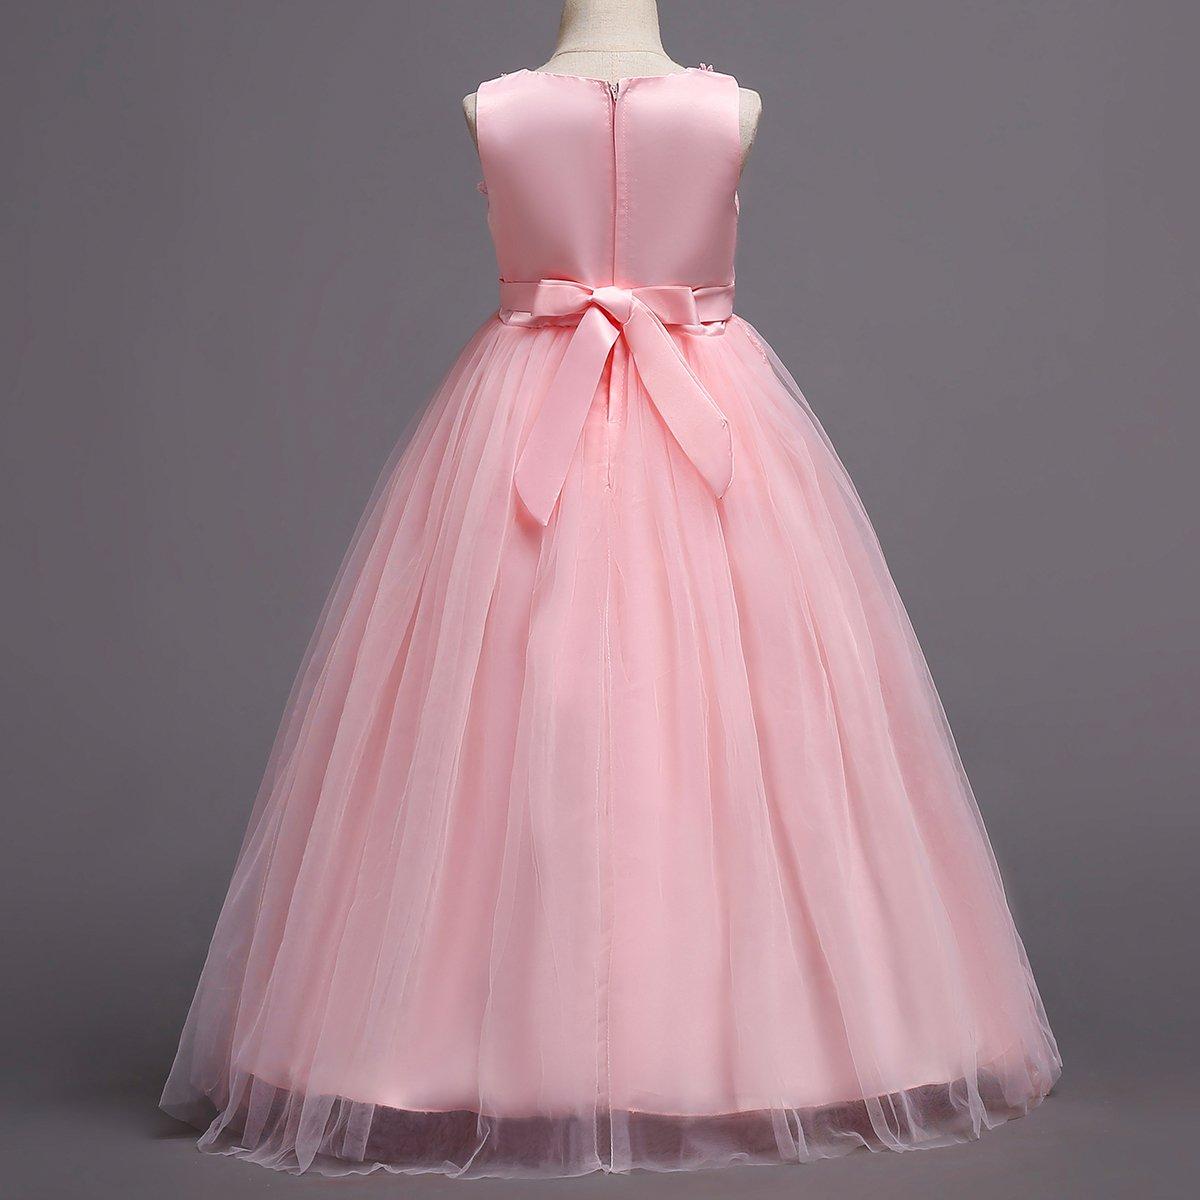 IBTOM Blush CASTLE Vestido noche, de Tulle Retro, Pink Vestido de ...